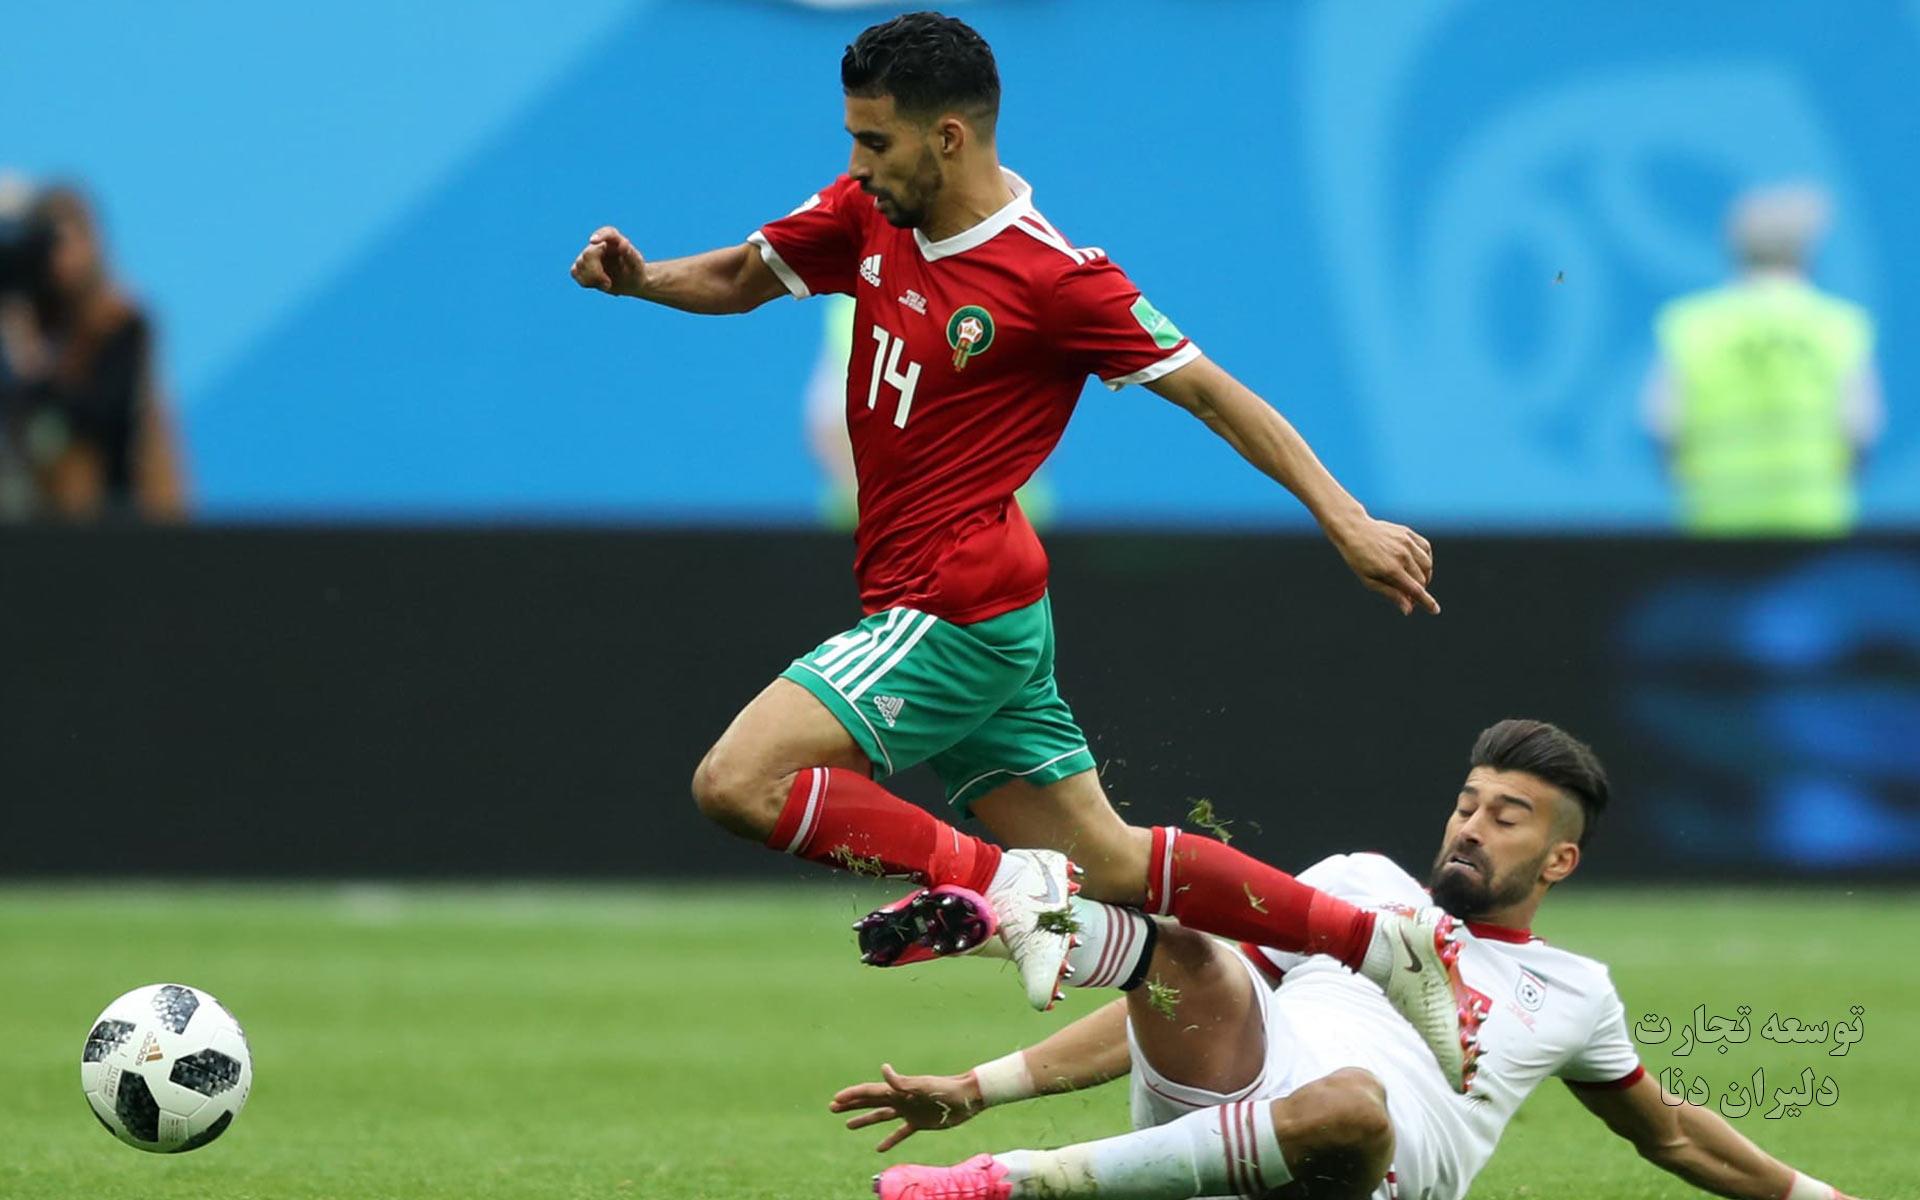 دانلودتصاویر تیم ملی فوتبال ایران در جام جهانی 2018